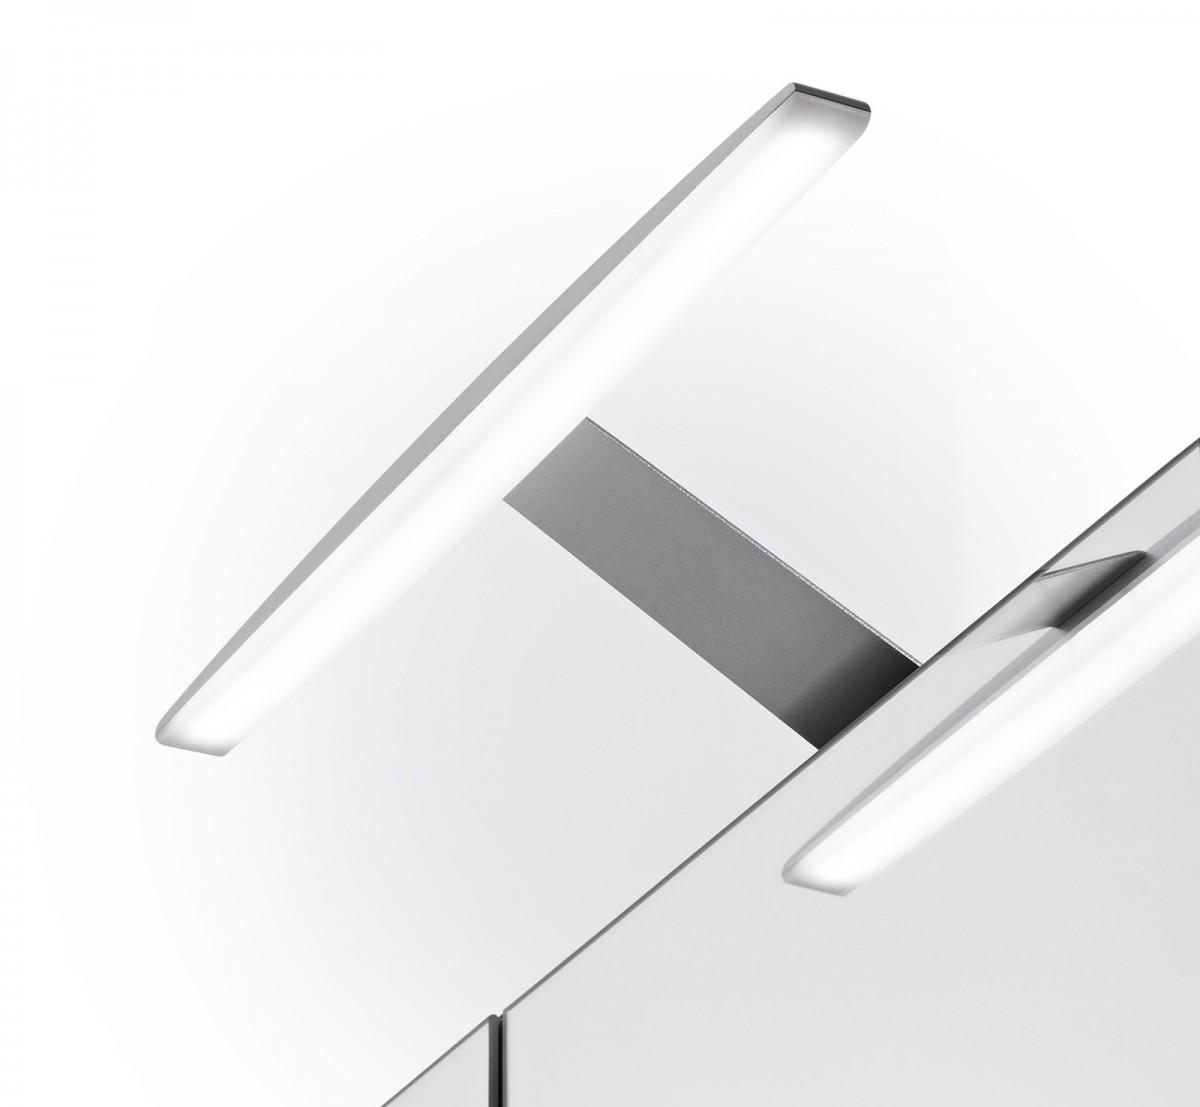 Badmöbel-Set ELEGANCE 2-teilig mit Beleuchtung Beton Weiß – Bild 5